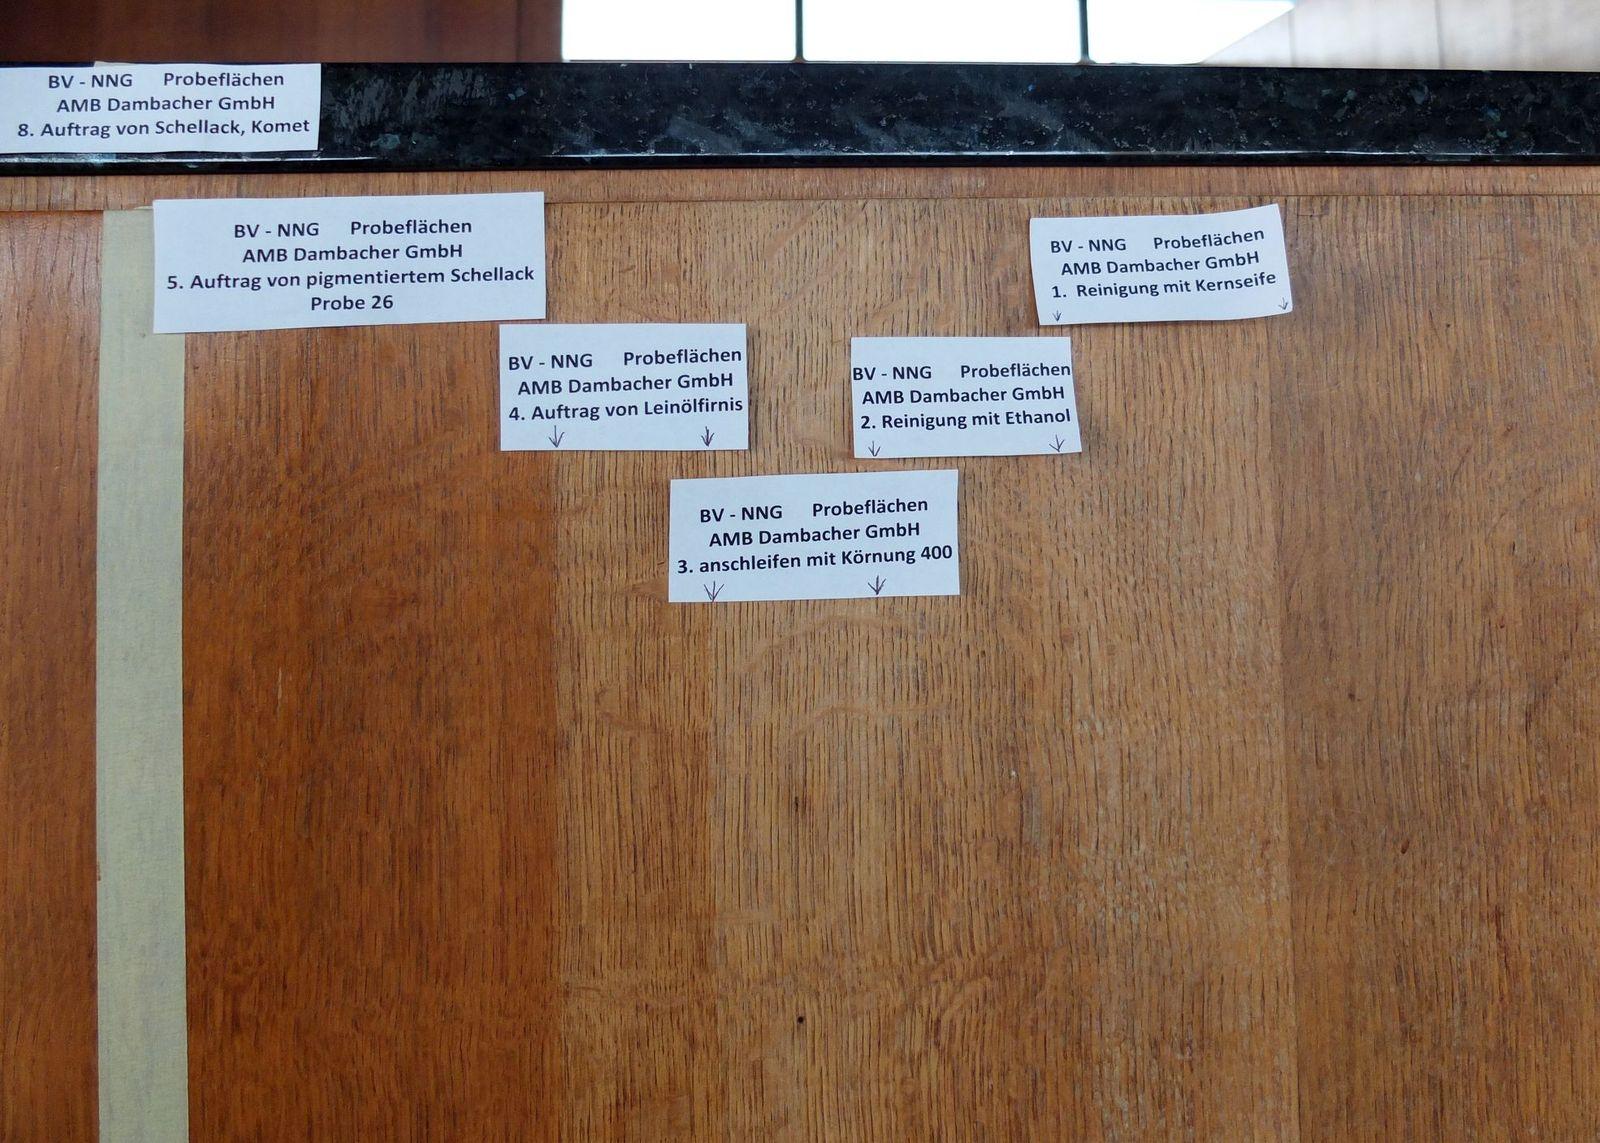 Musterfläche auf Tresen mit Proben für Reinigung und Schellackauftrag. Foto: schmedding.vonmarlin.